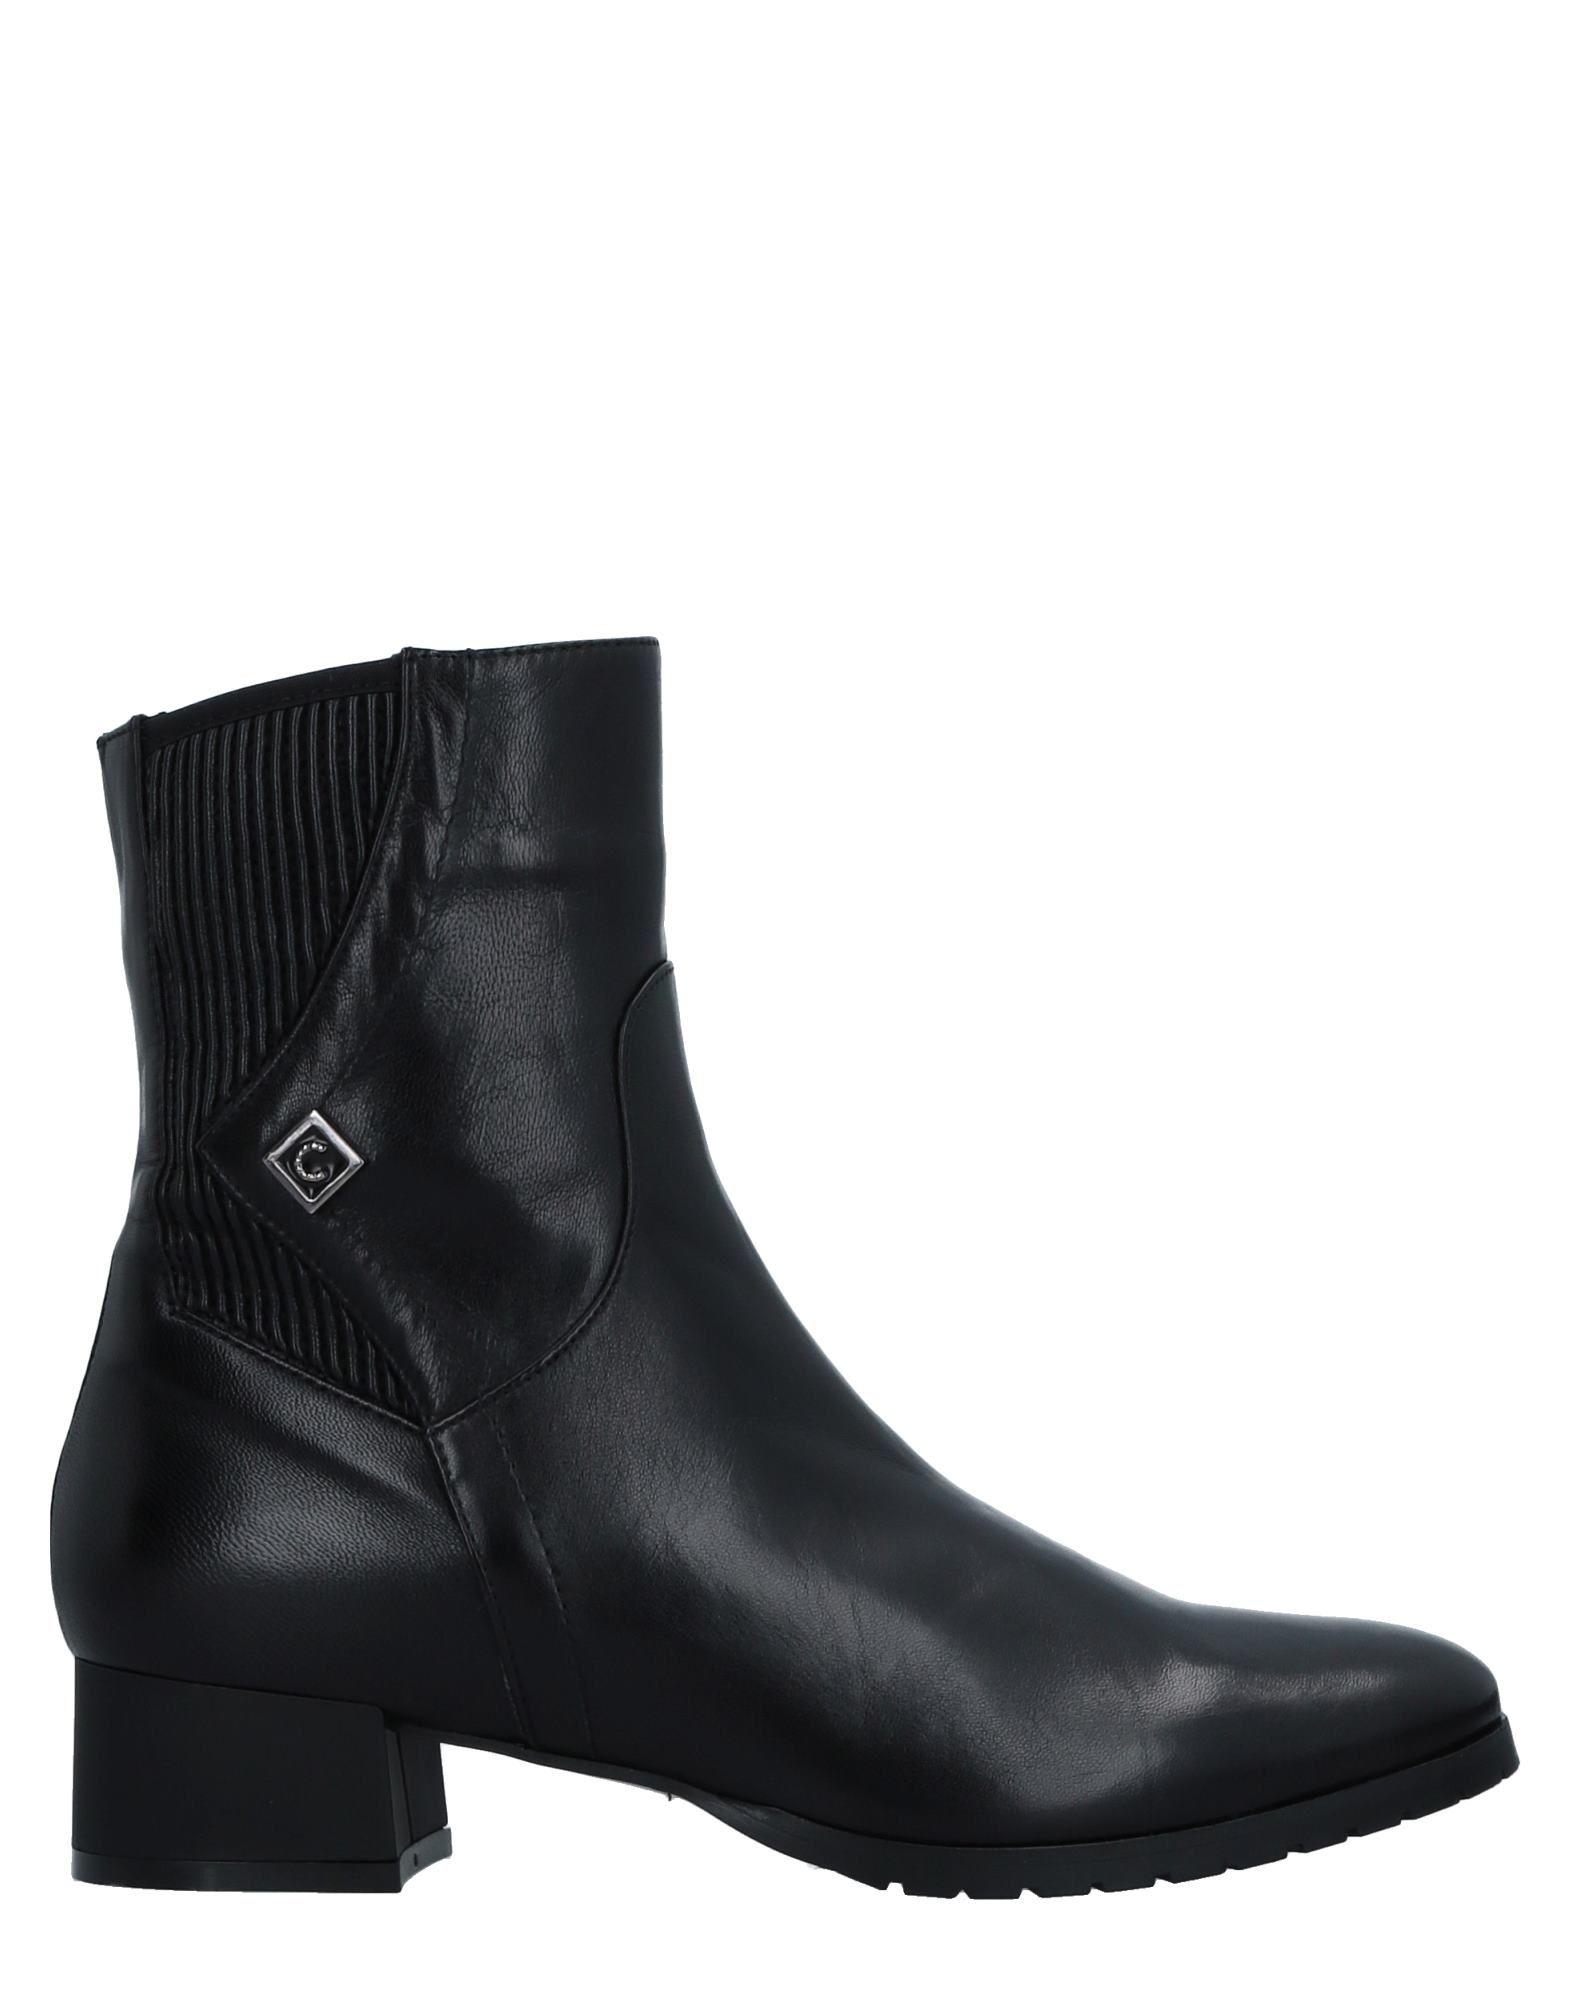 Sneakers Santoni Uomo - 11475823NU Scarpe economiche e buone